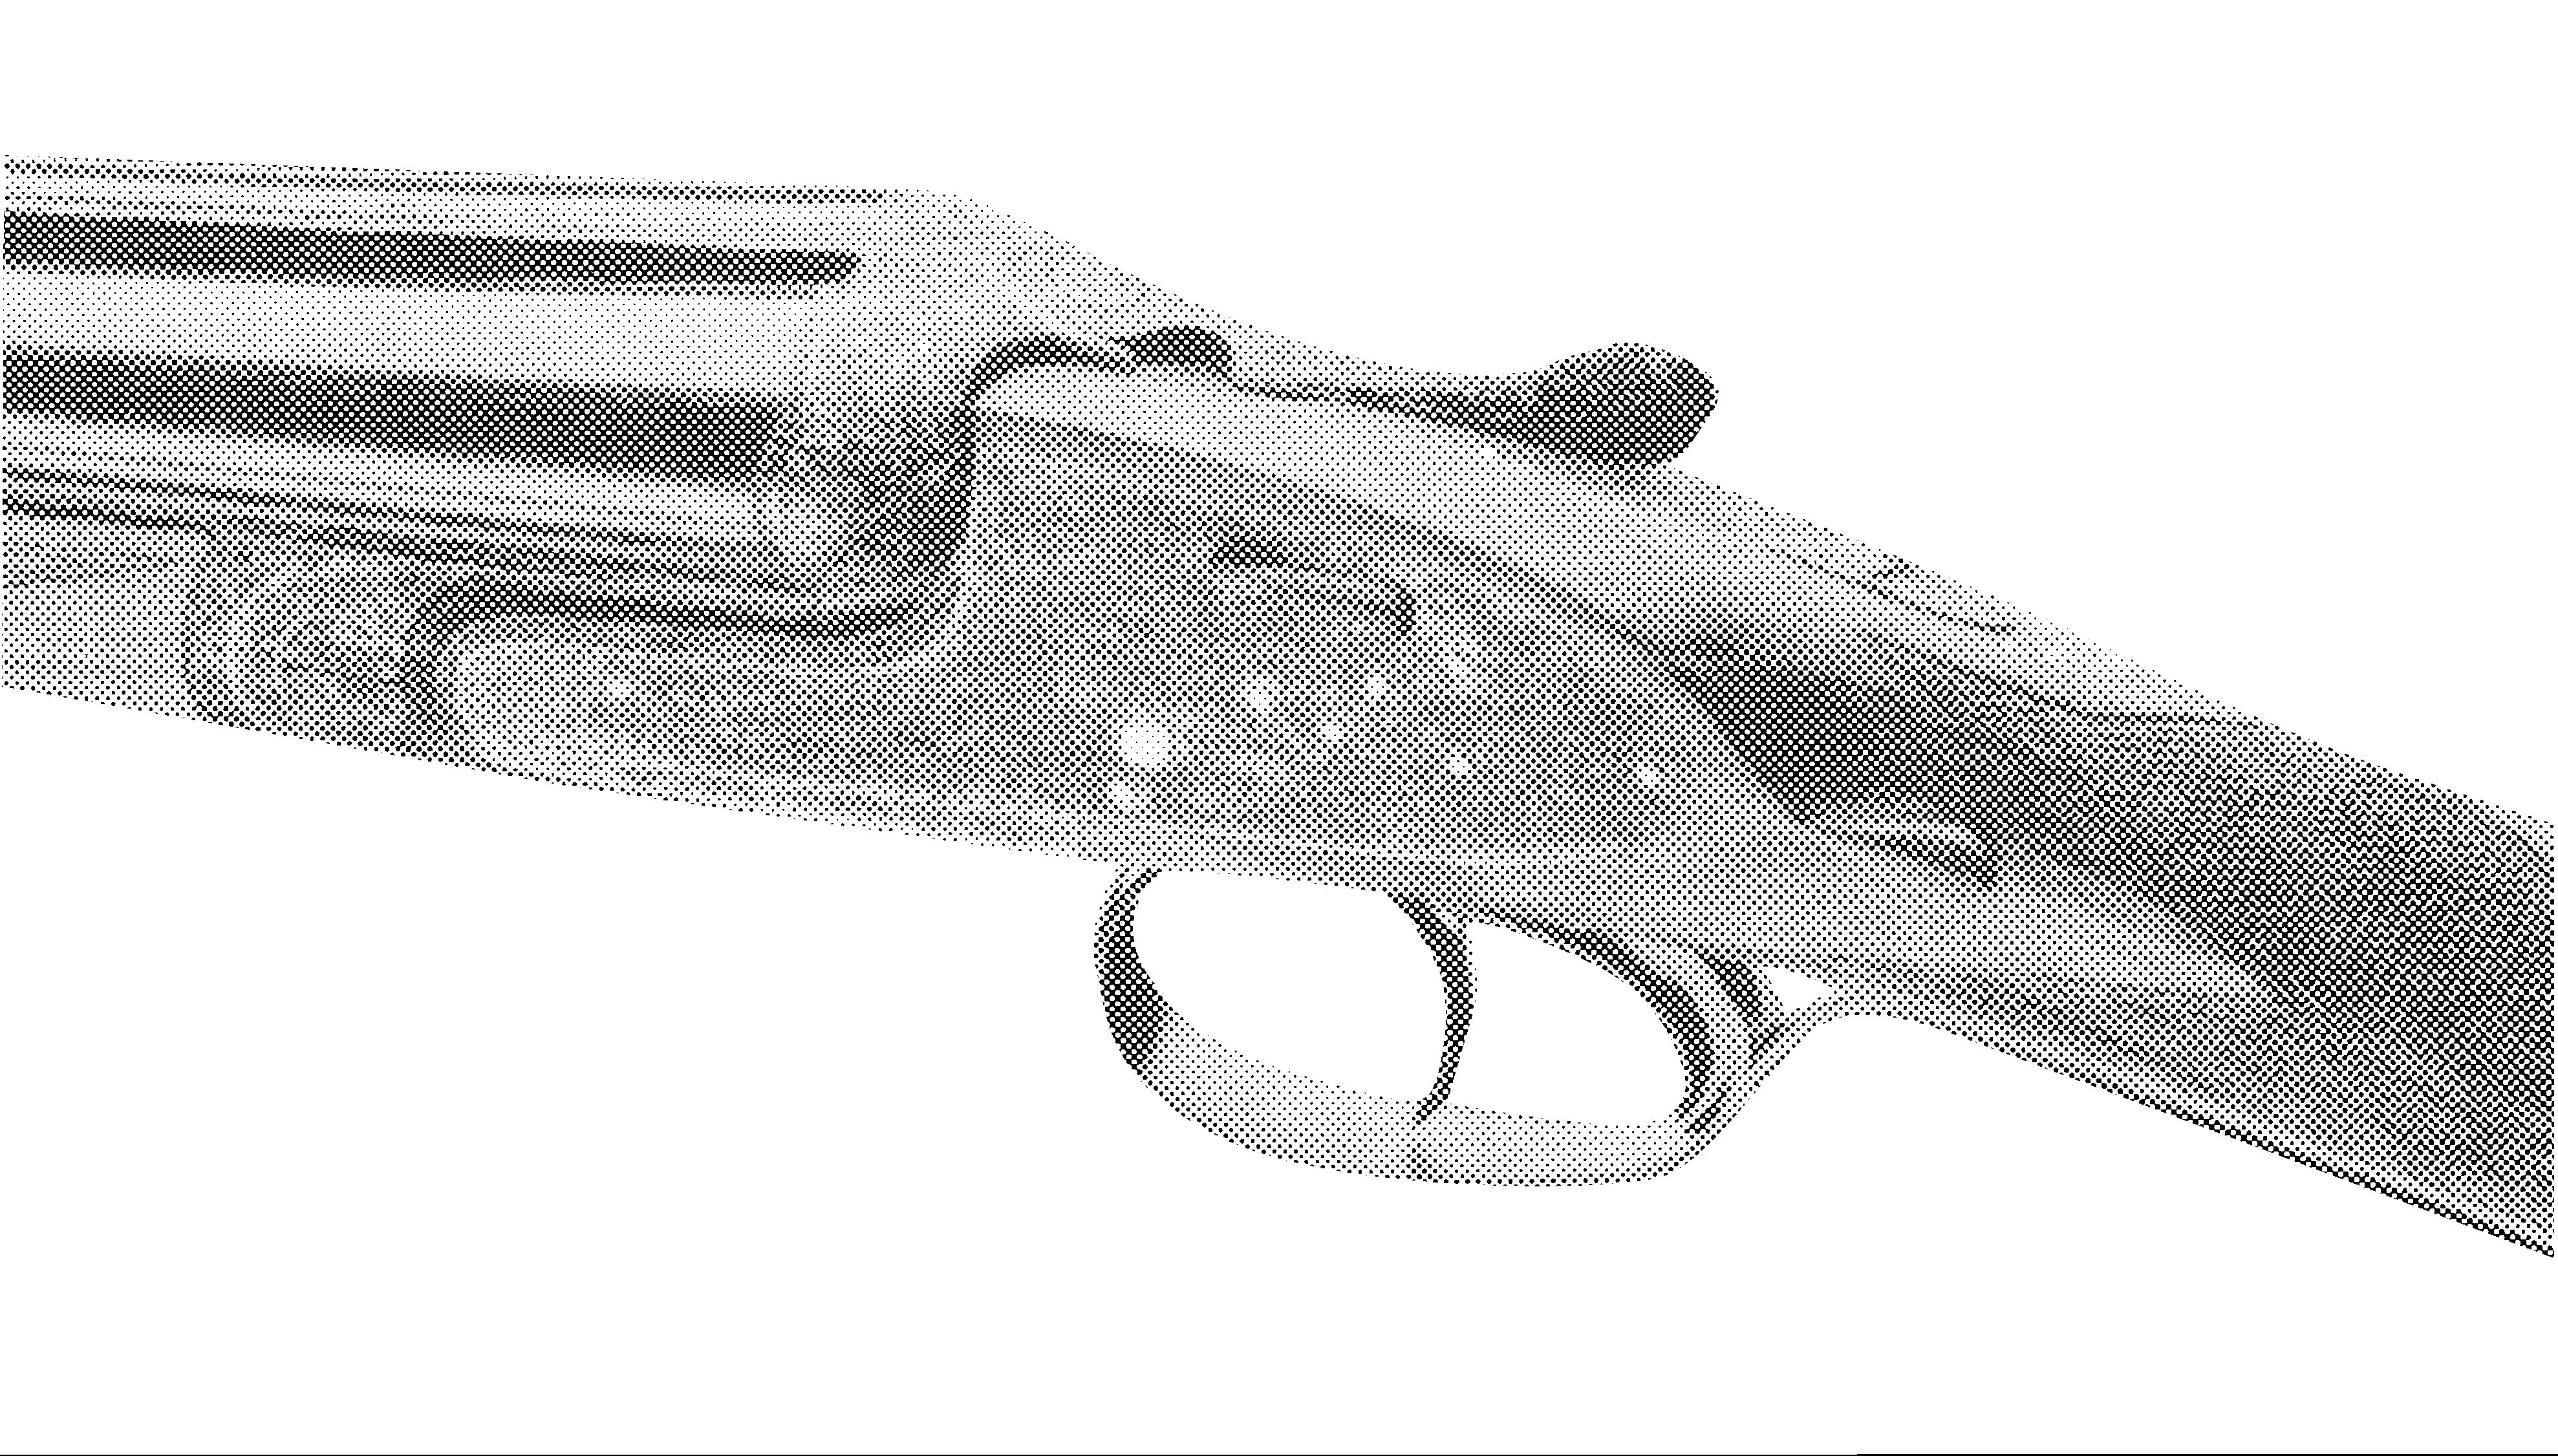 Model No. 53